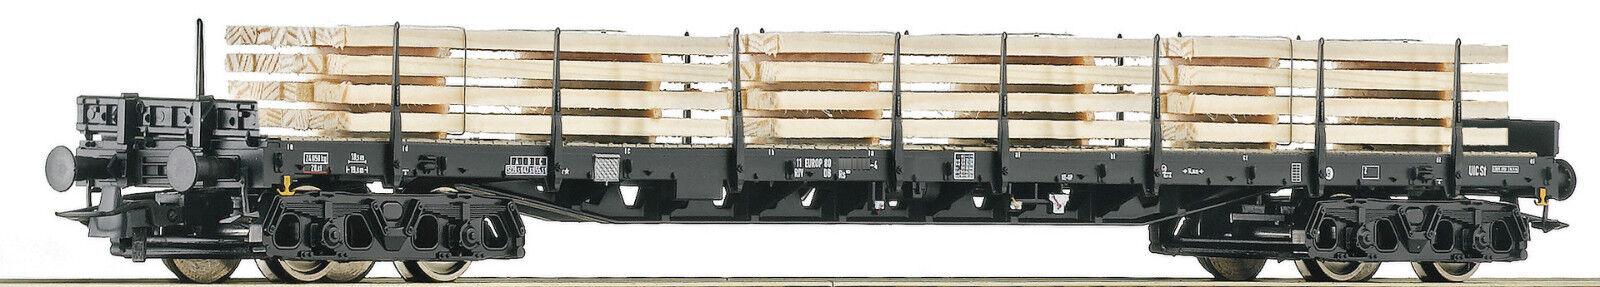 ROCO 76773 Vagón argentoforma EP VI CARGA CON CAMBIO DE EJE Si lo desea para